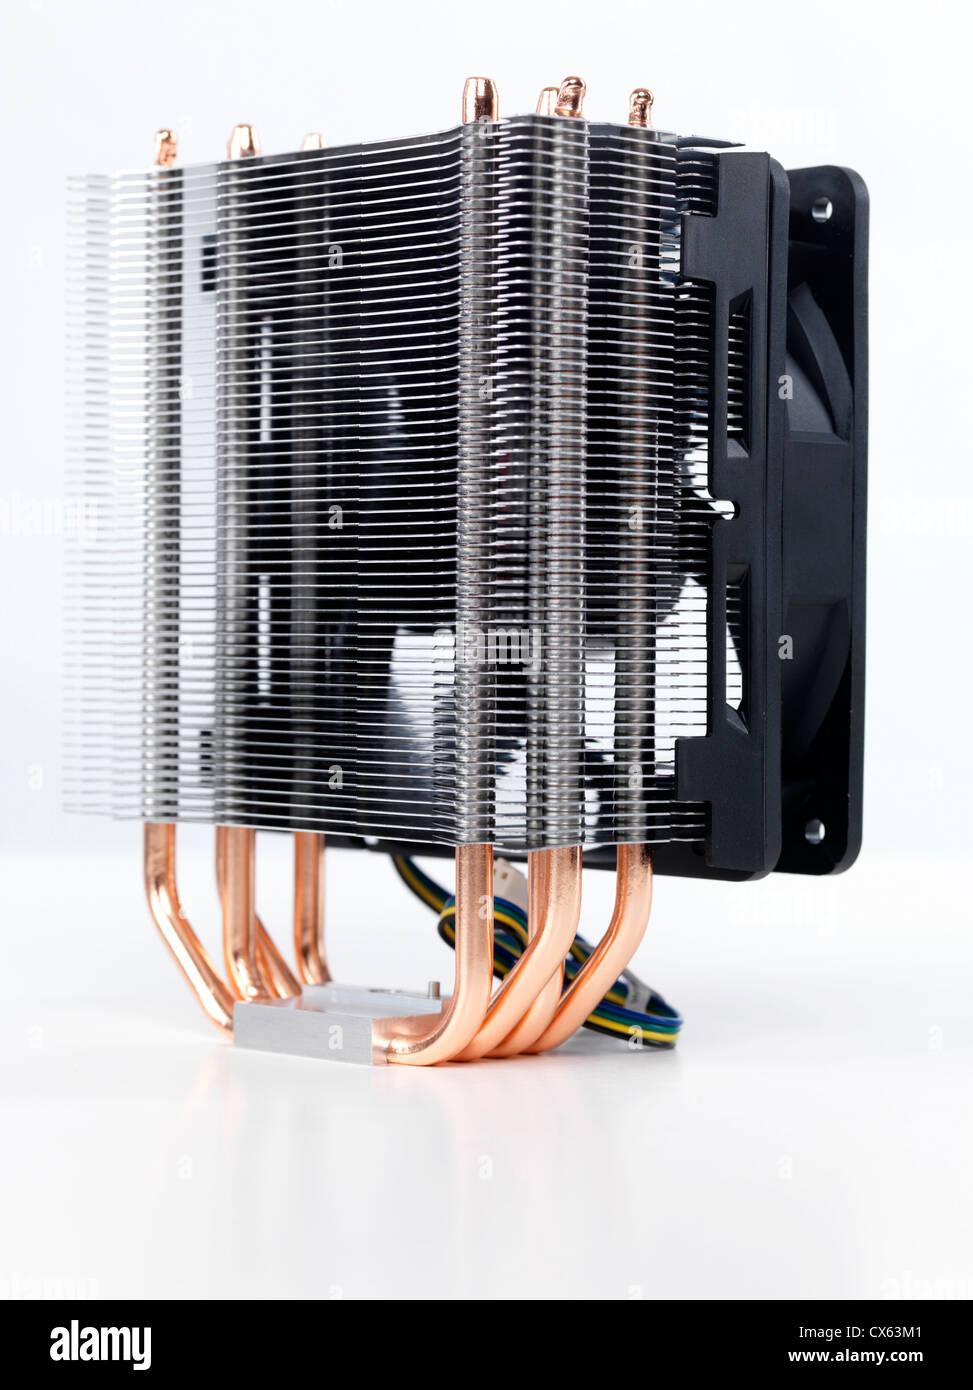 Closeup de procesador del equipo refrigerador con un disipador de calor y un ventilador aislado sobre fondo blanco. Imagen De Stock